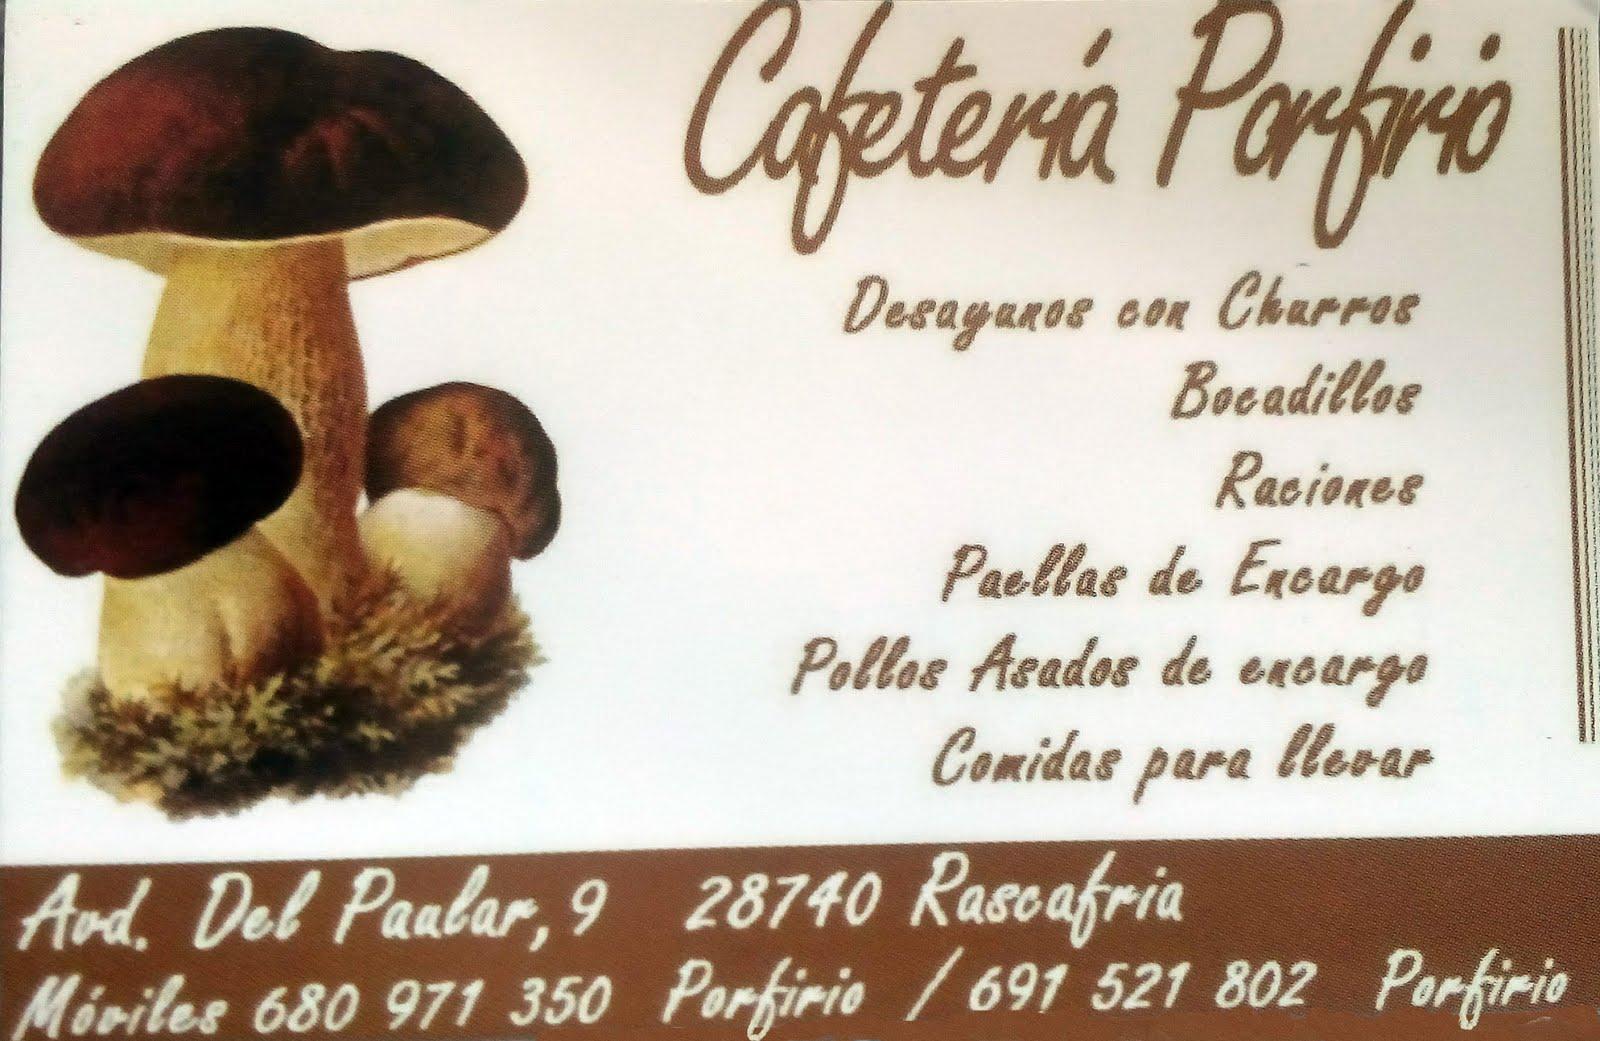 Cafetería Porfirio